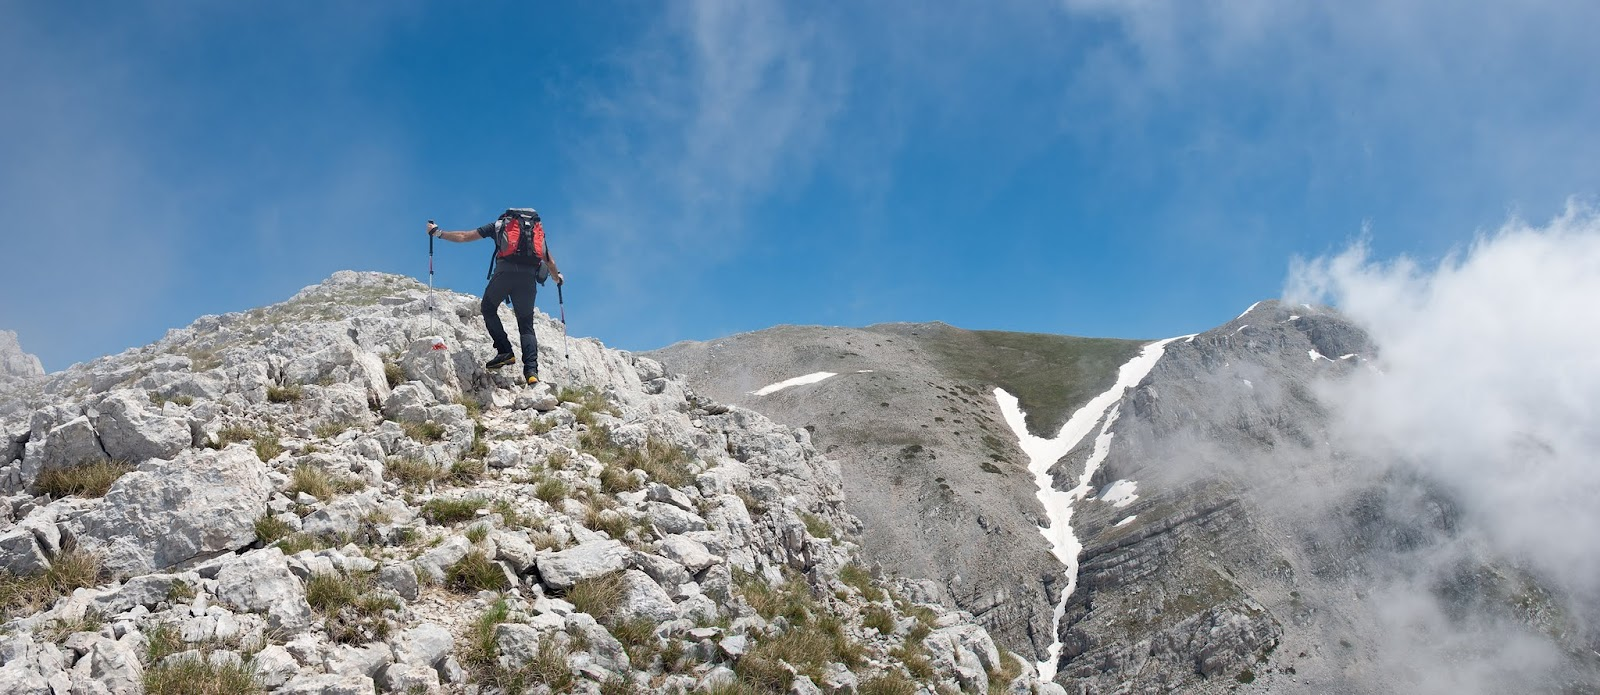 Salendo alla cima del monte Velino